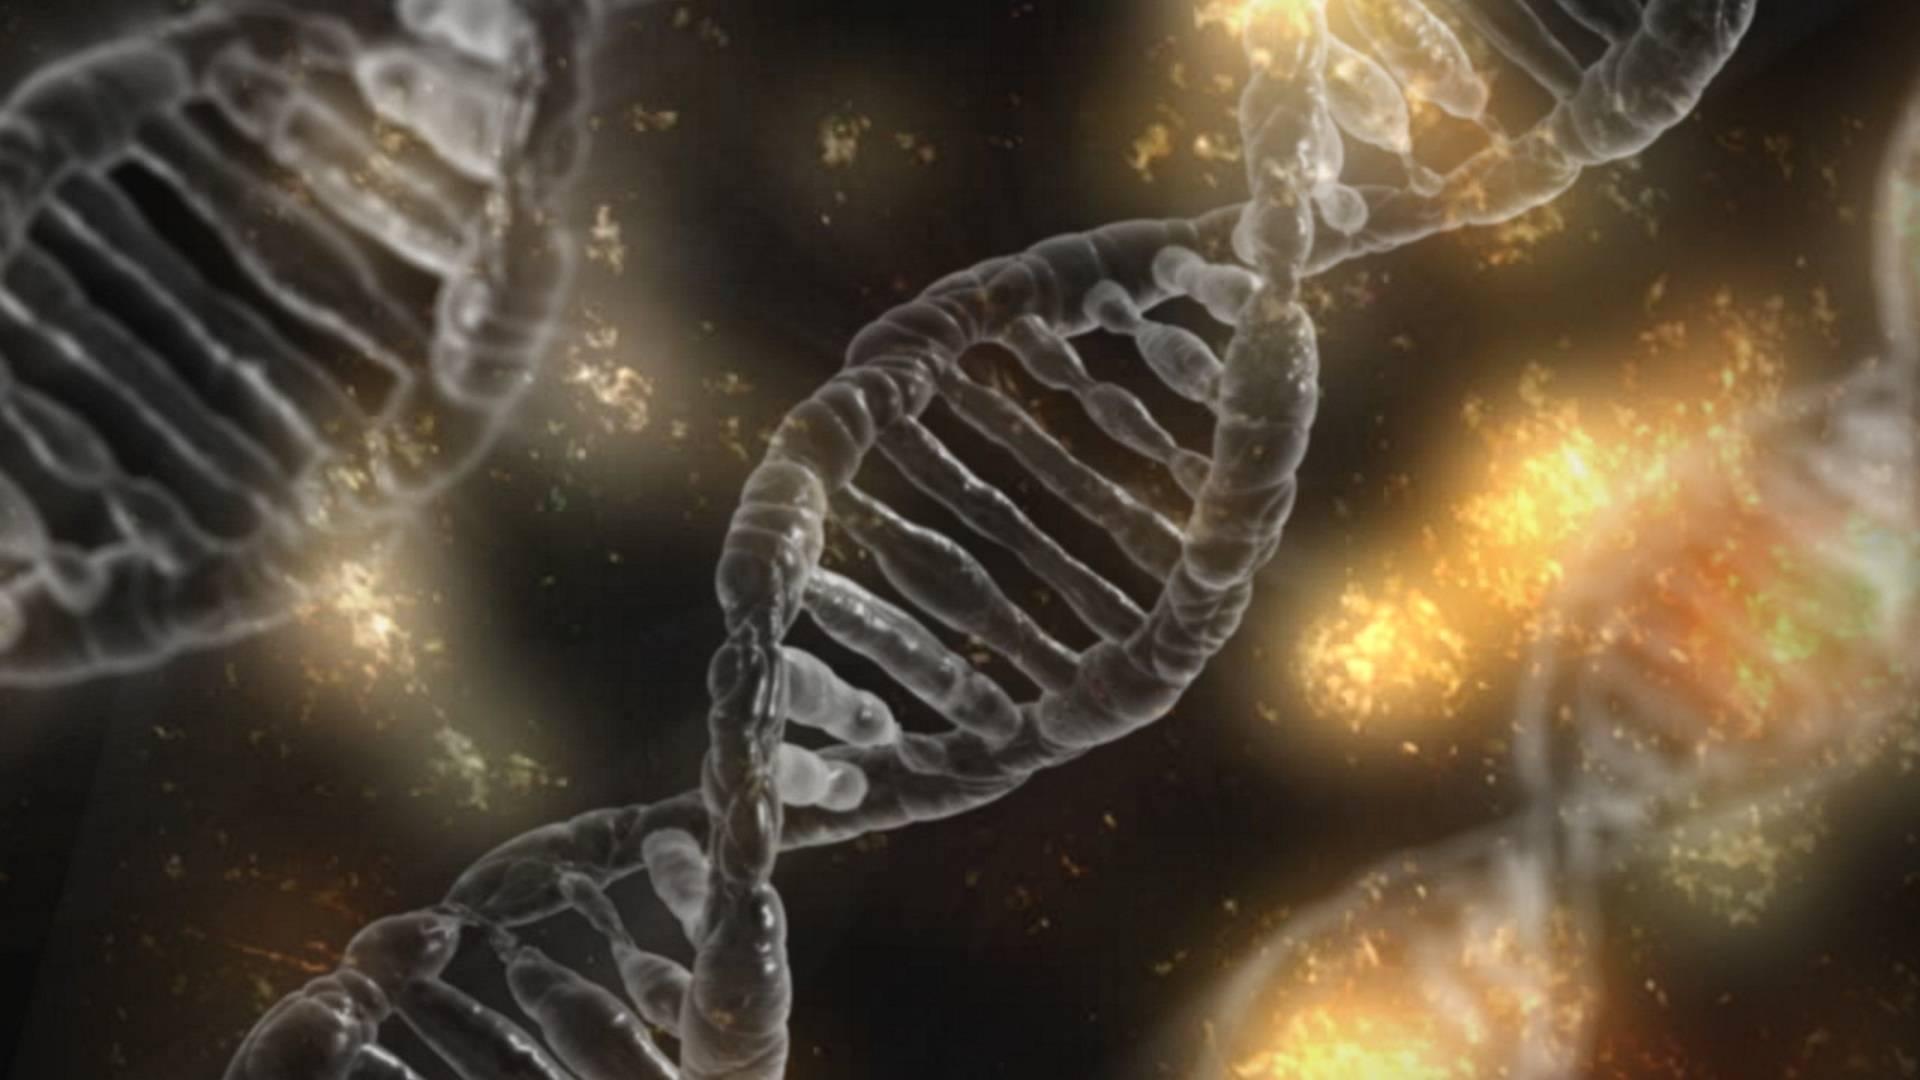 «Нейробиология — главная наука XXI века»: беседа с научным журналистом Асей Казанцевой 4